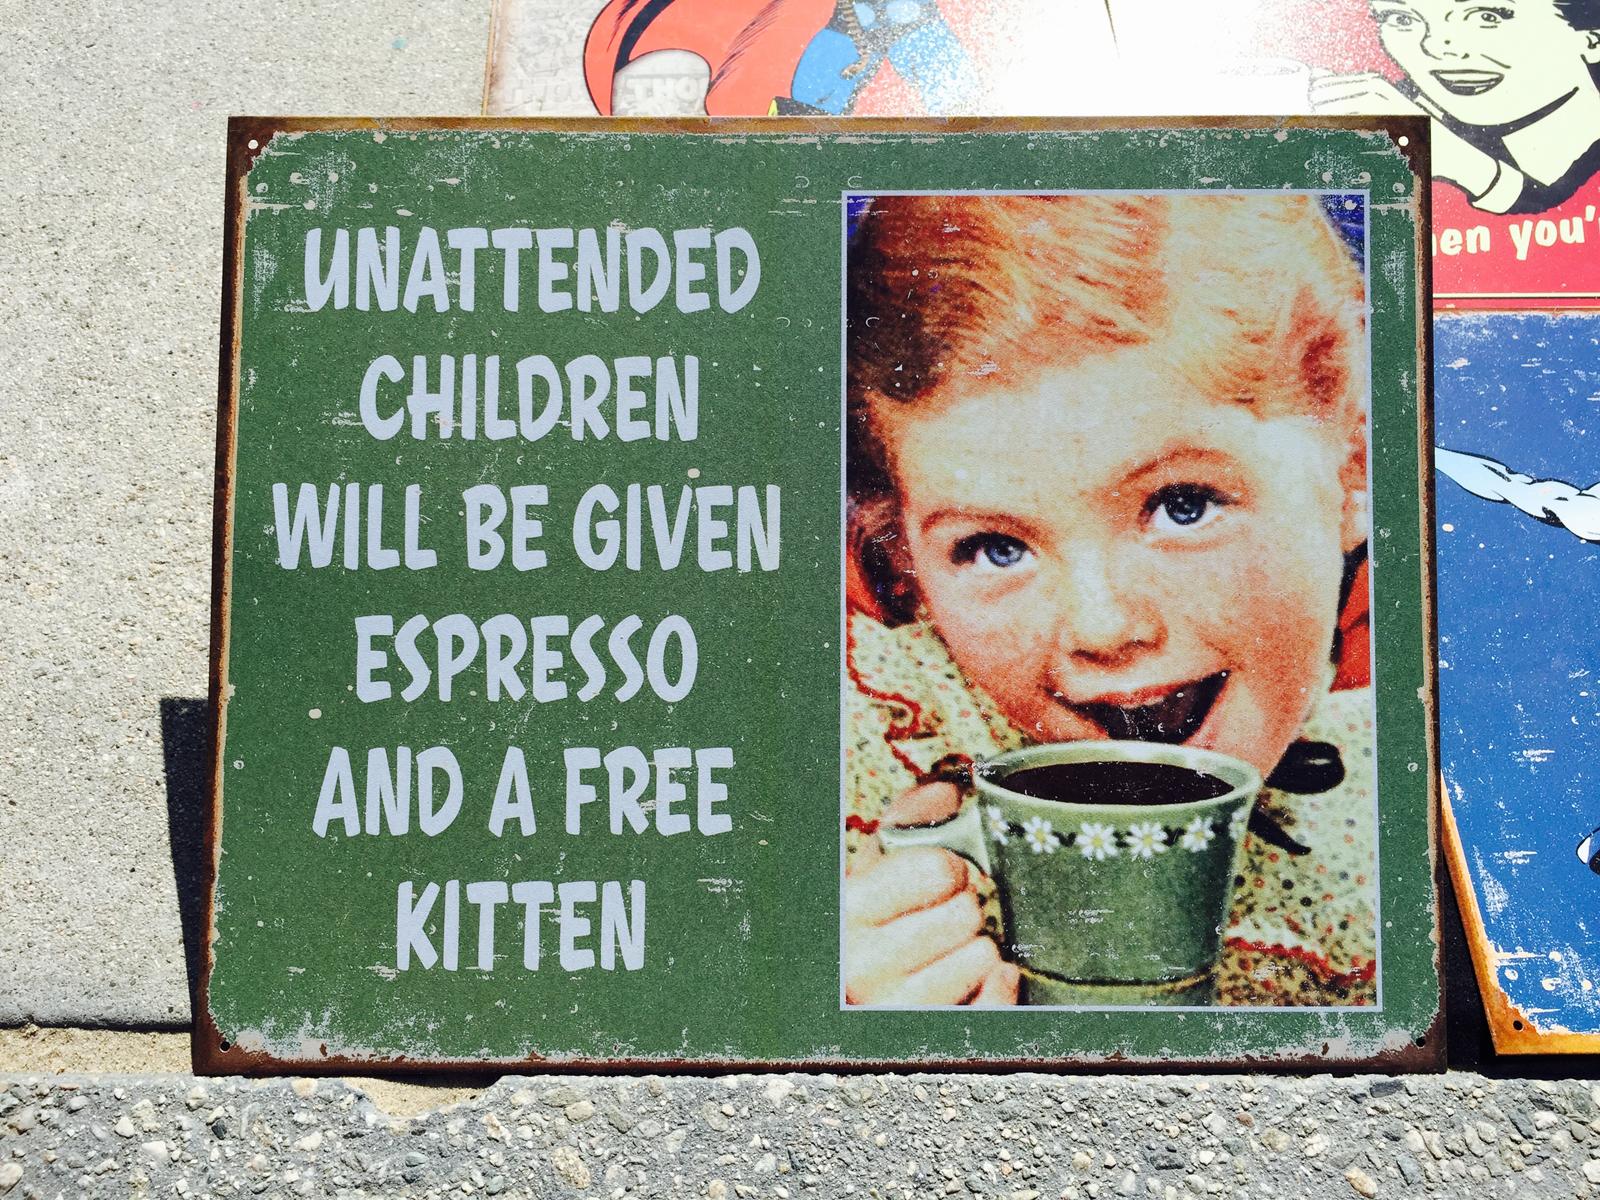 In Amerika bekommen unbeaufsichtigte Kinder einen Espresso und ein Katzenjunges dazu. Die Aufschrift stimmt natürlich nicht – aber das Abenteuer unsere Papabloggers wird grossartig. Foto: Ronaldo Dieziger